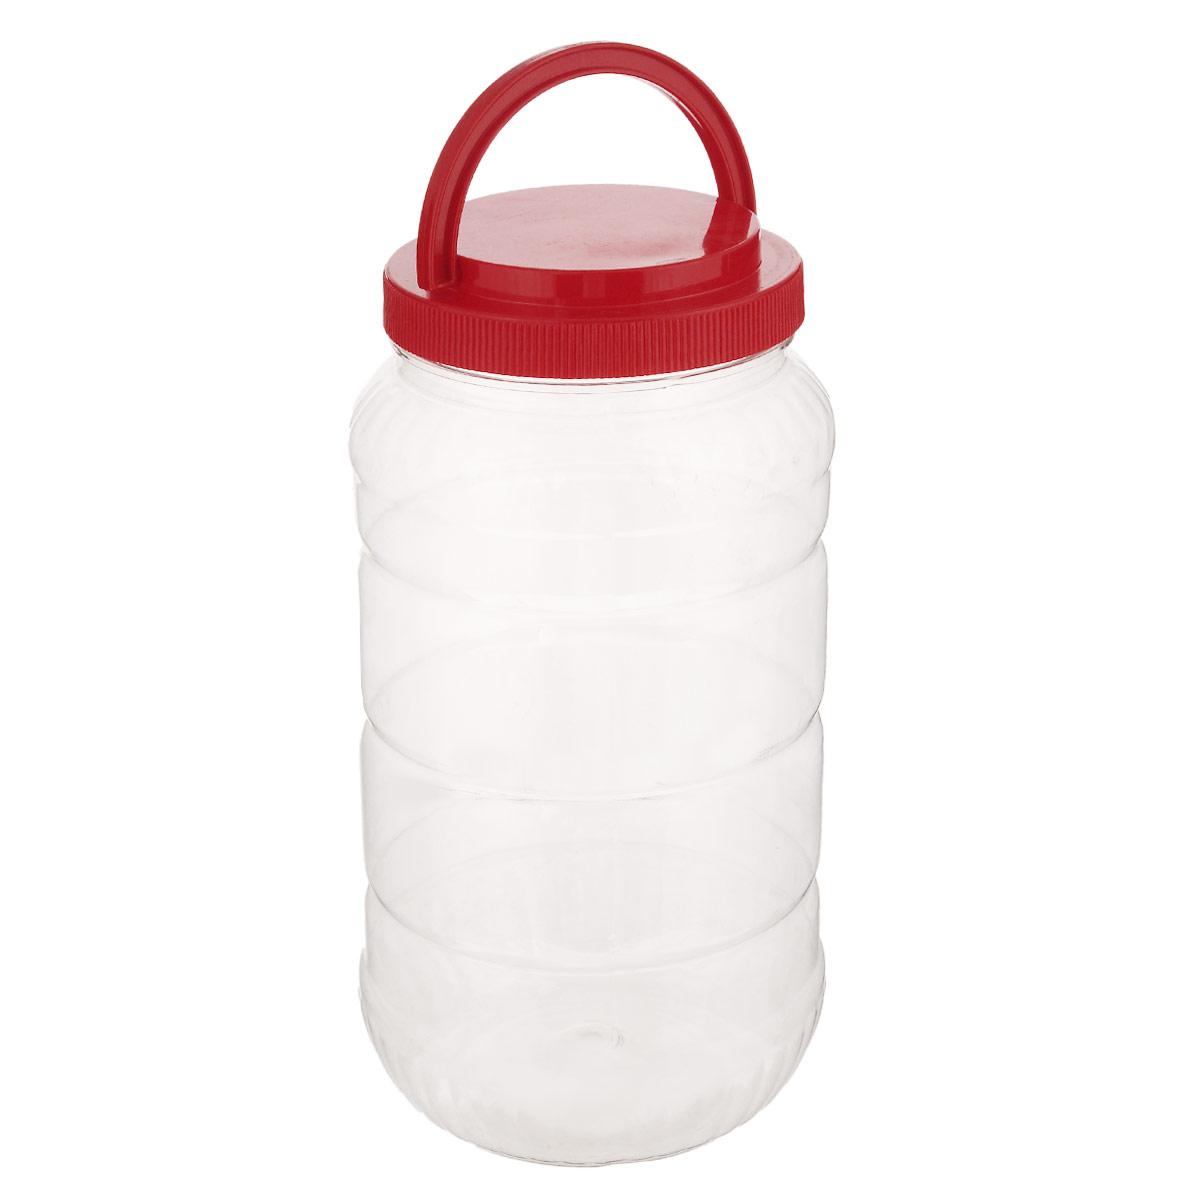 Емкость Альтернатива, с ручкой, цвет: красный, 3 лM957_красныйЕмкость Альтернатива предназначена для хранения сыпучих продуктов или жидкостей. Выполнена из высококачественного пластика. Оснащена ручкой для удобной переноски. Ручка опускается.Диаметр: 10,5 см.Высота (без учета крышки): 25 см.